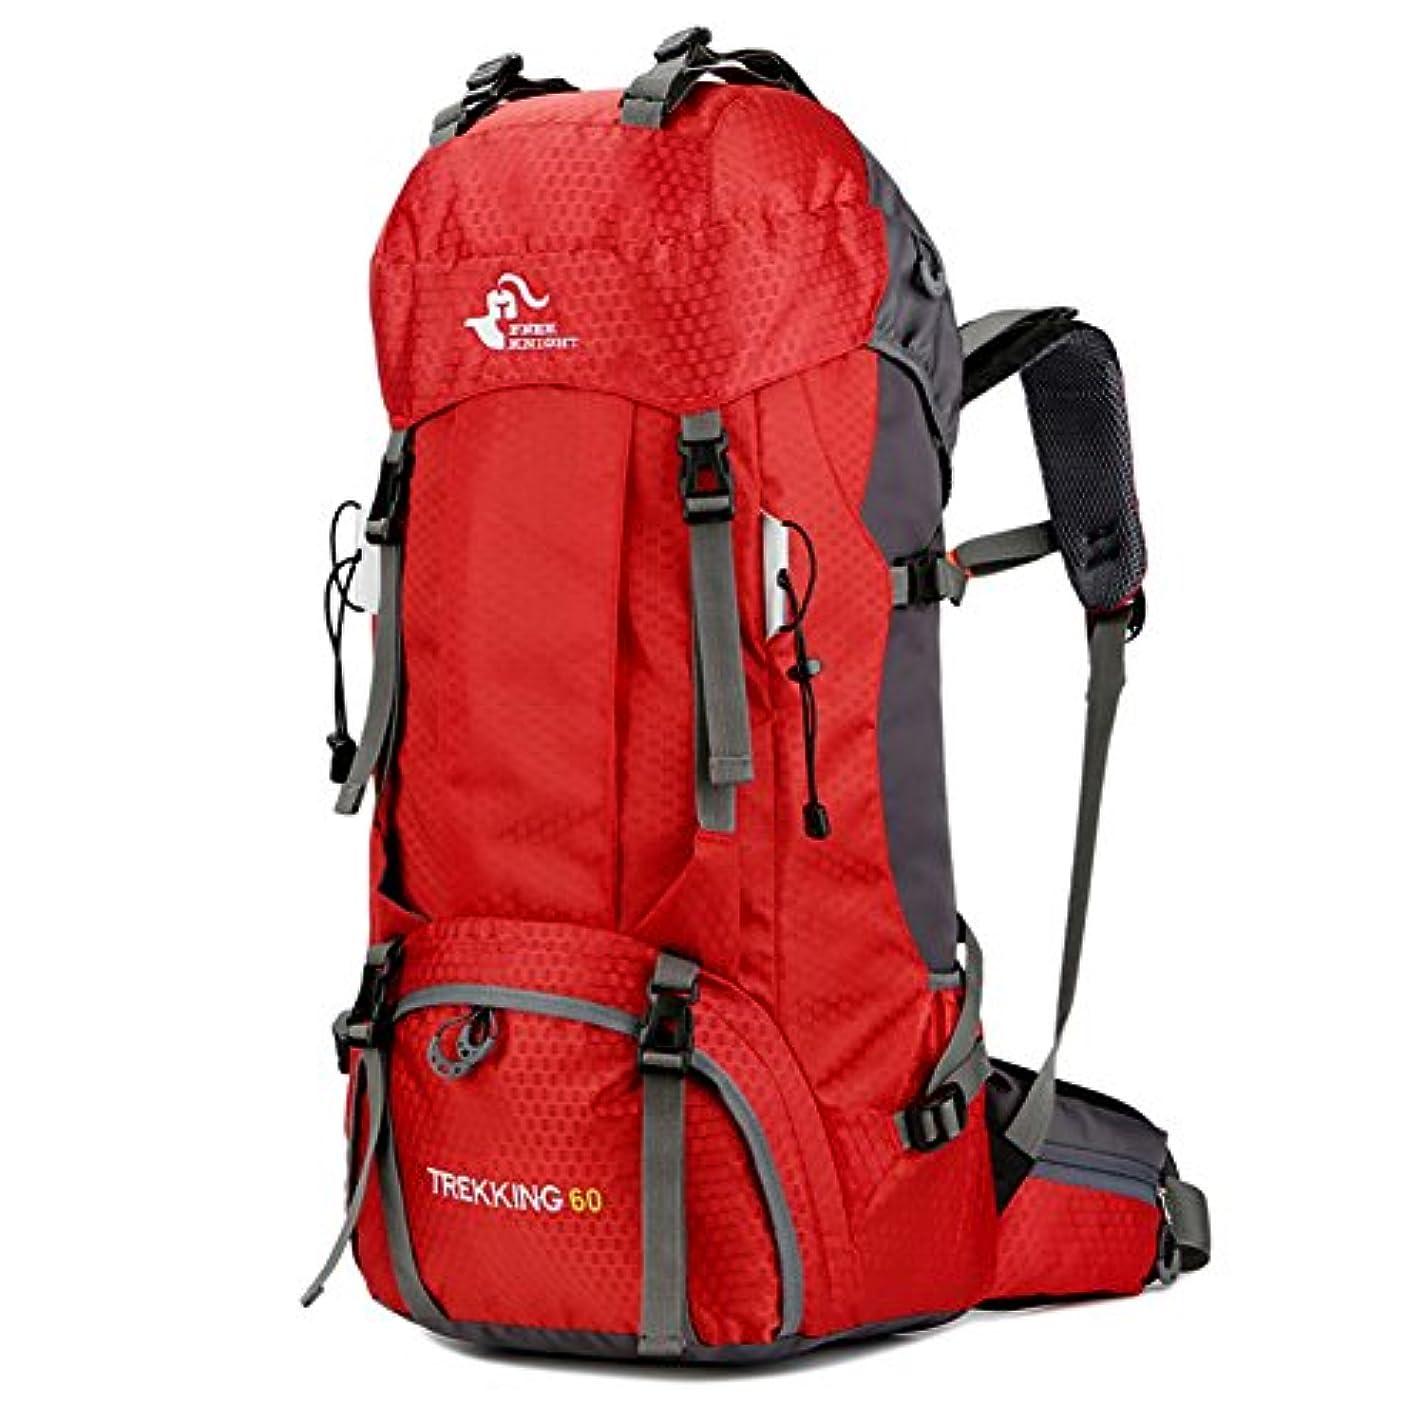 高さ土地メンターAdvocator レインカバー付き 防水 バックパック ハイキング クライミング 50L~60L 大容量 アウトドア ザック 旅行 メンズ レディース 登山リュック